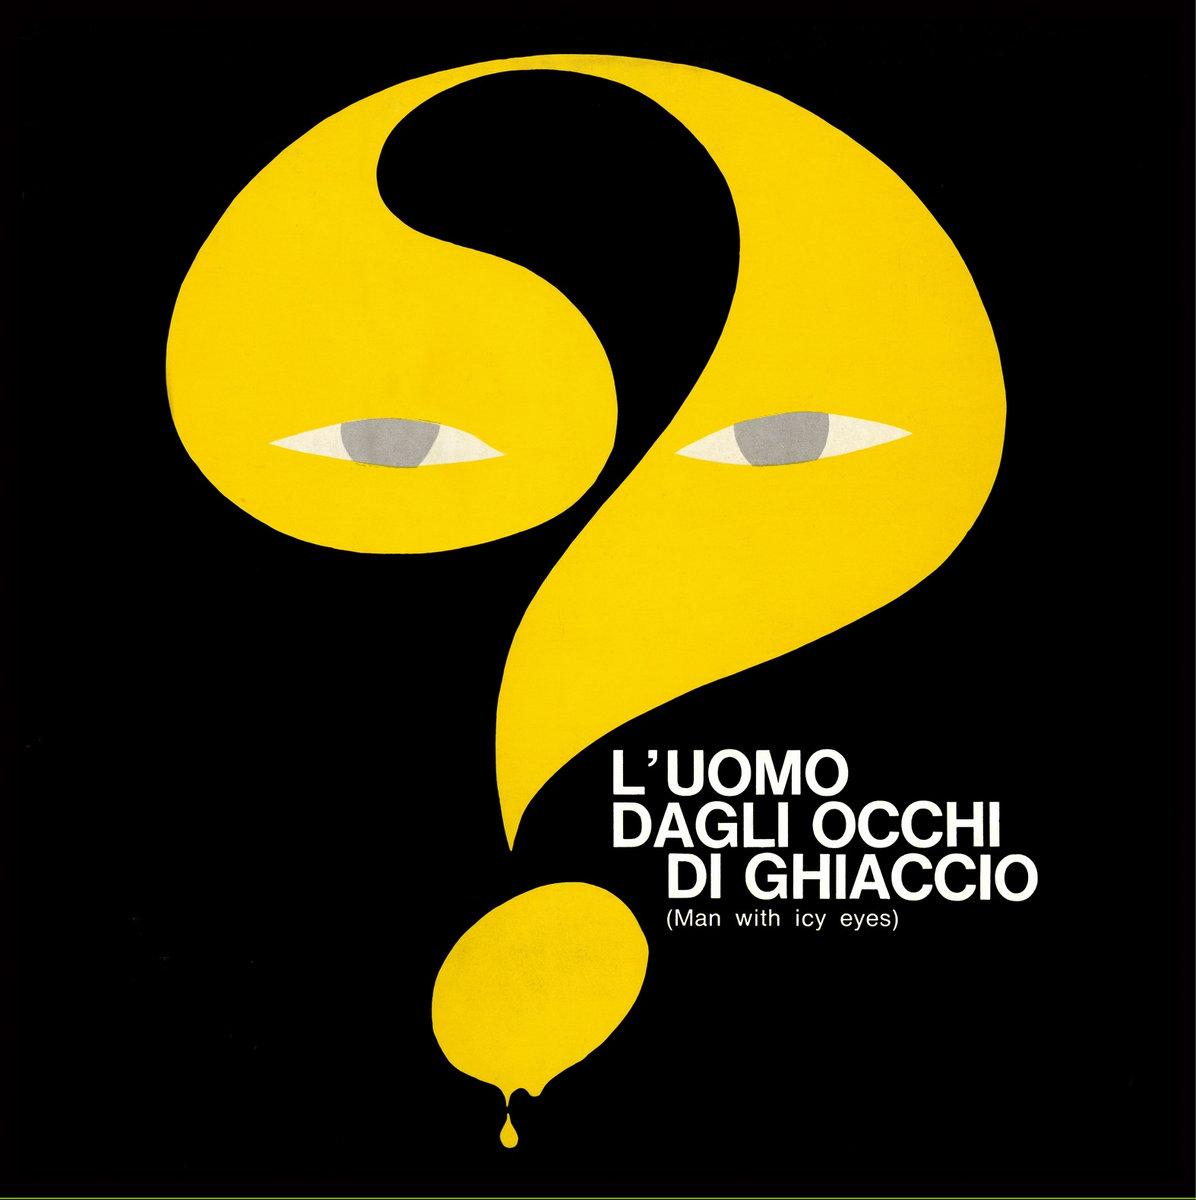 L'UOMO DAGLI OCCHI DI GHIACCHIO